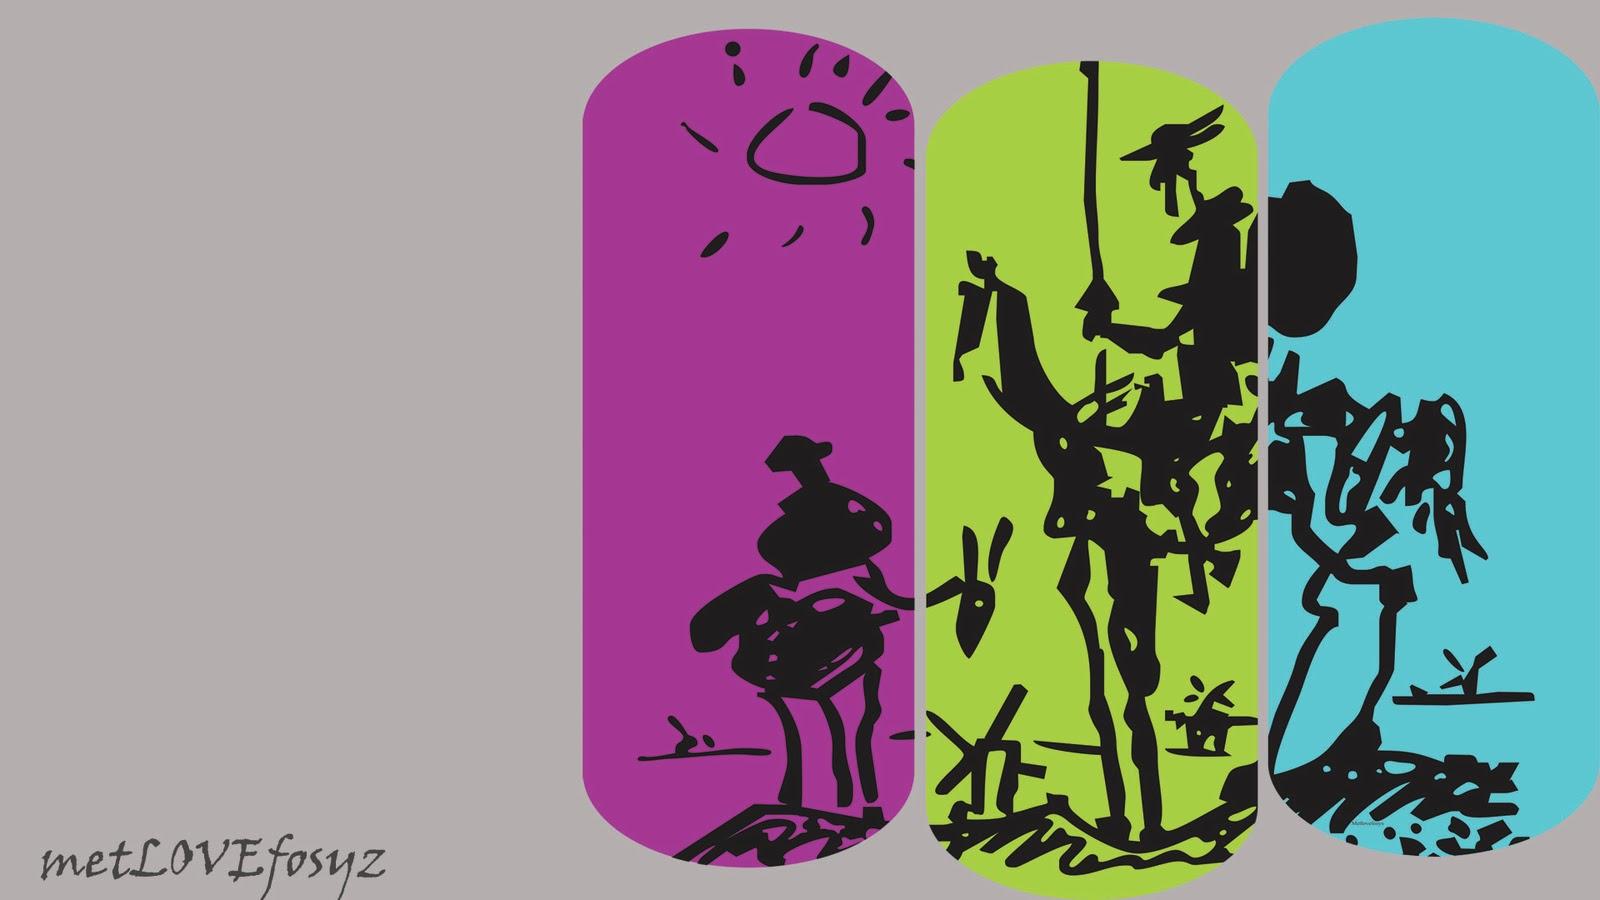 Apple Wallpaper Iphone X Wwwallpaper Blogspot Mx Don Quijote De La Mancha